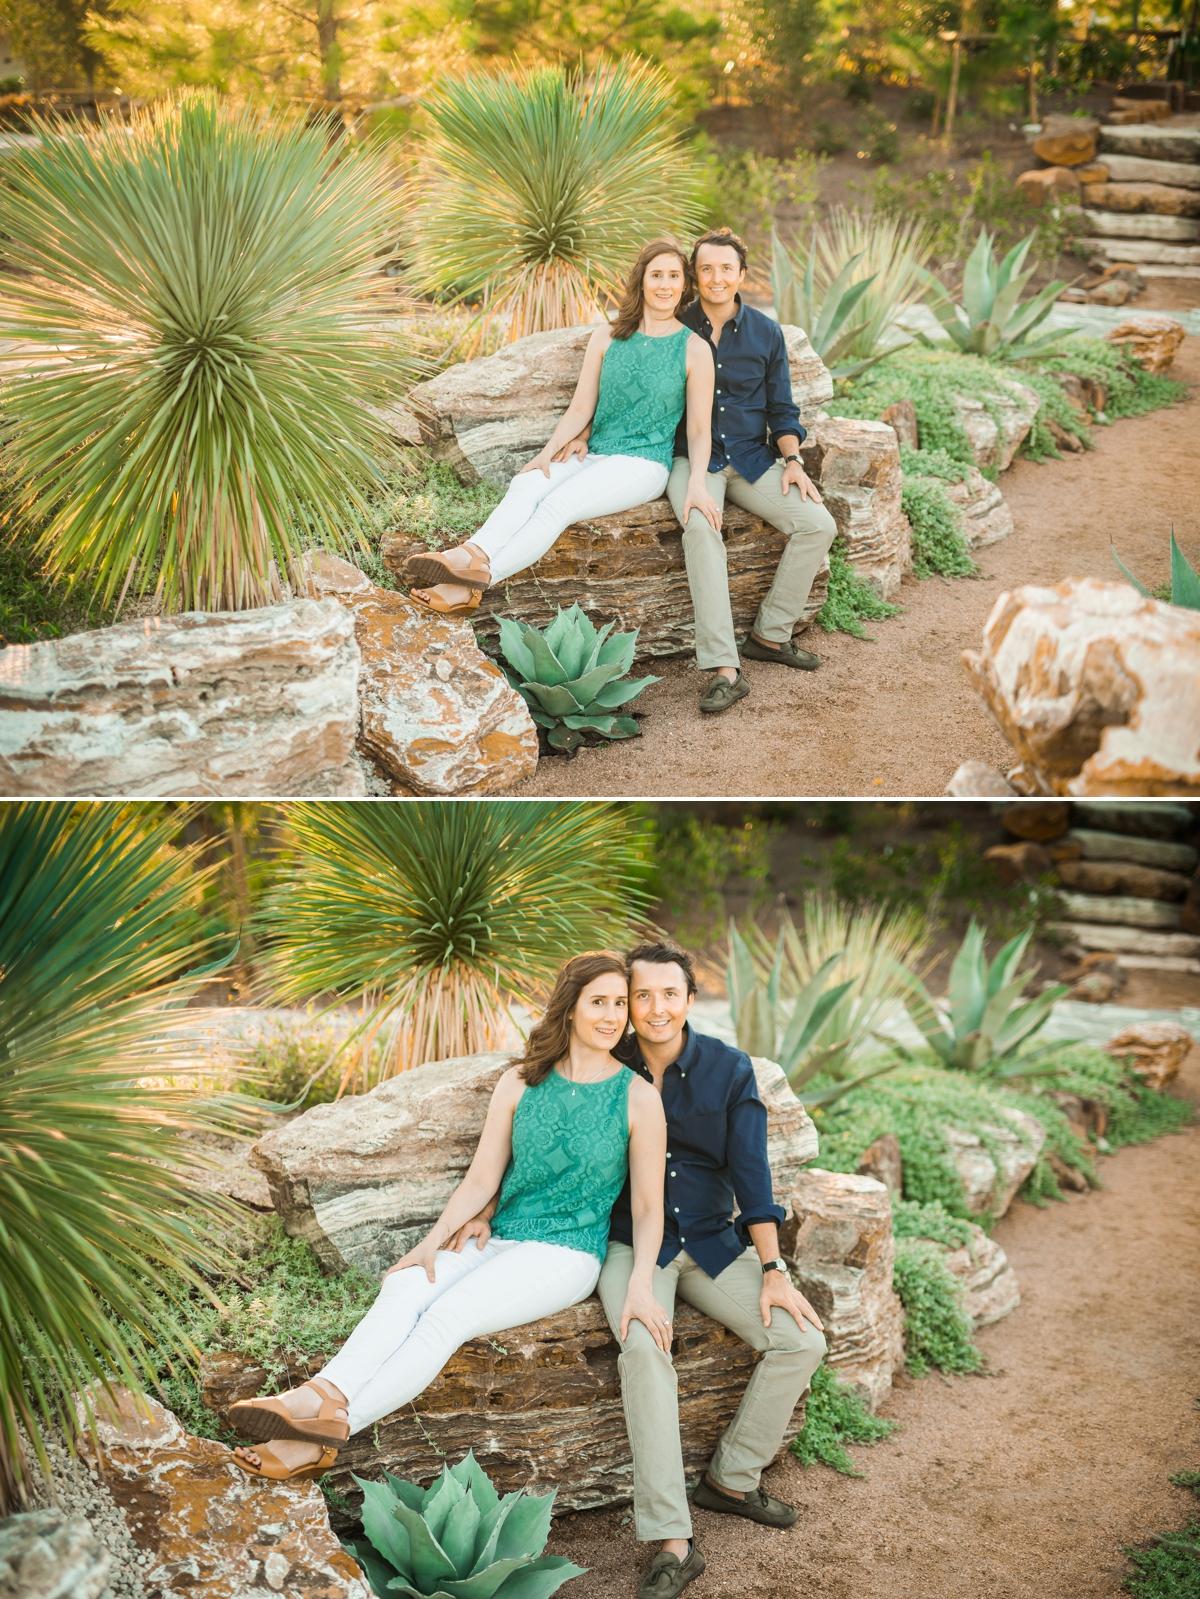 Couple sitting on large rocks in desert garden at Houston Botanic Garden